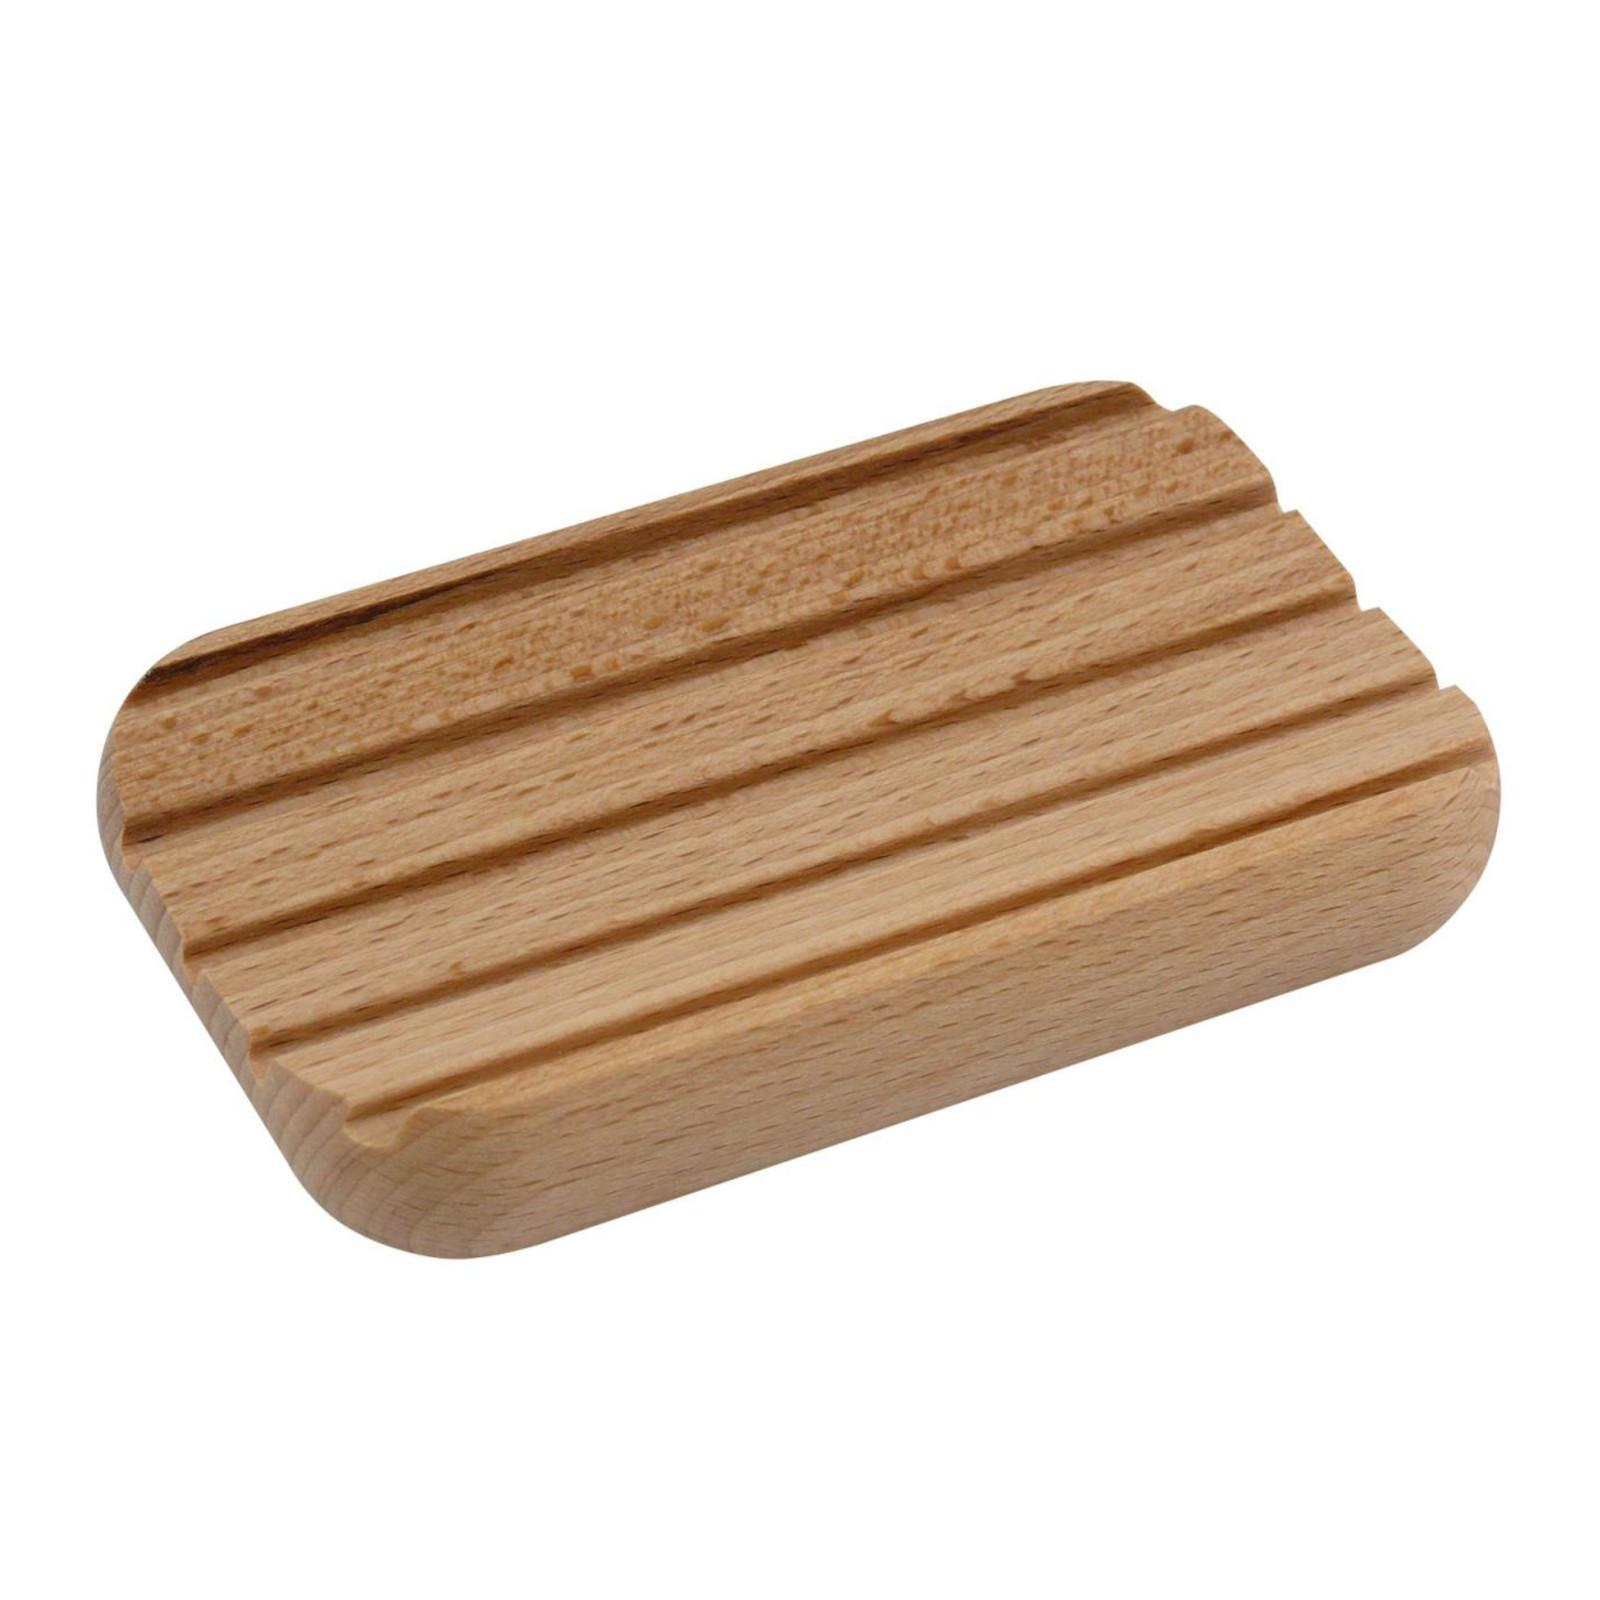 Redecker Dřevěná mýdlenka z bukového dřeva 1 ks